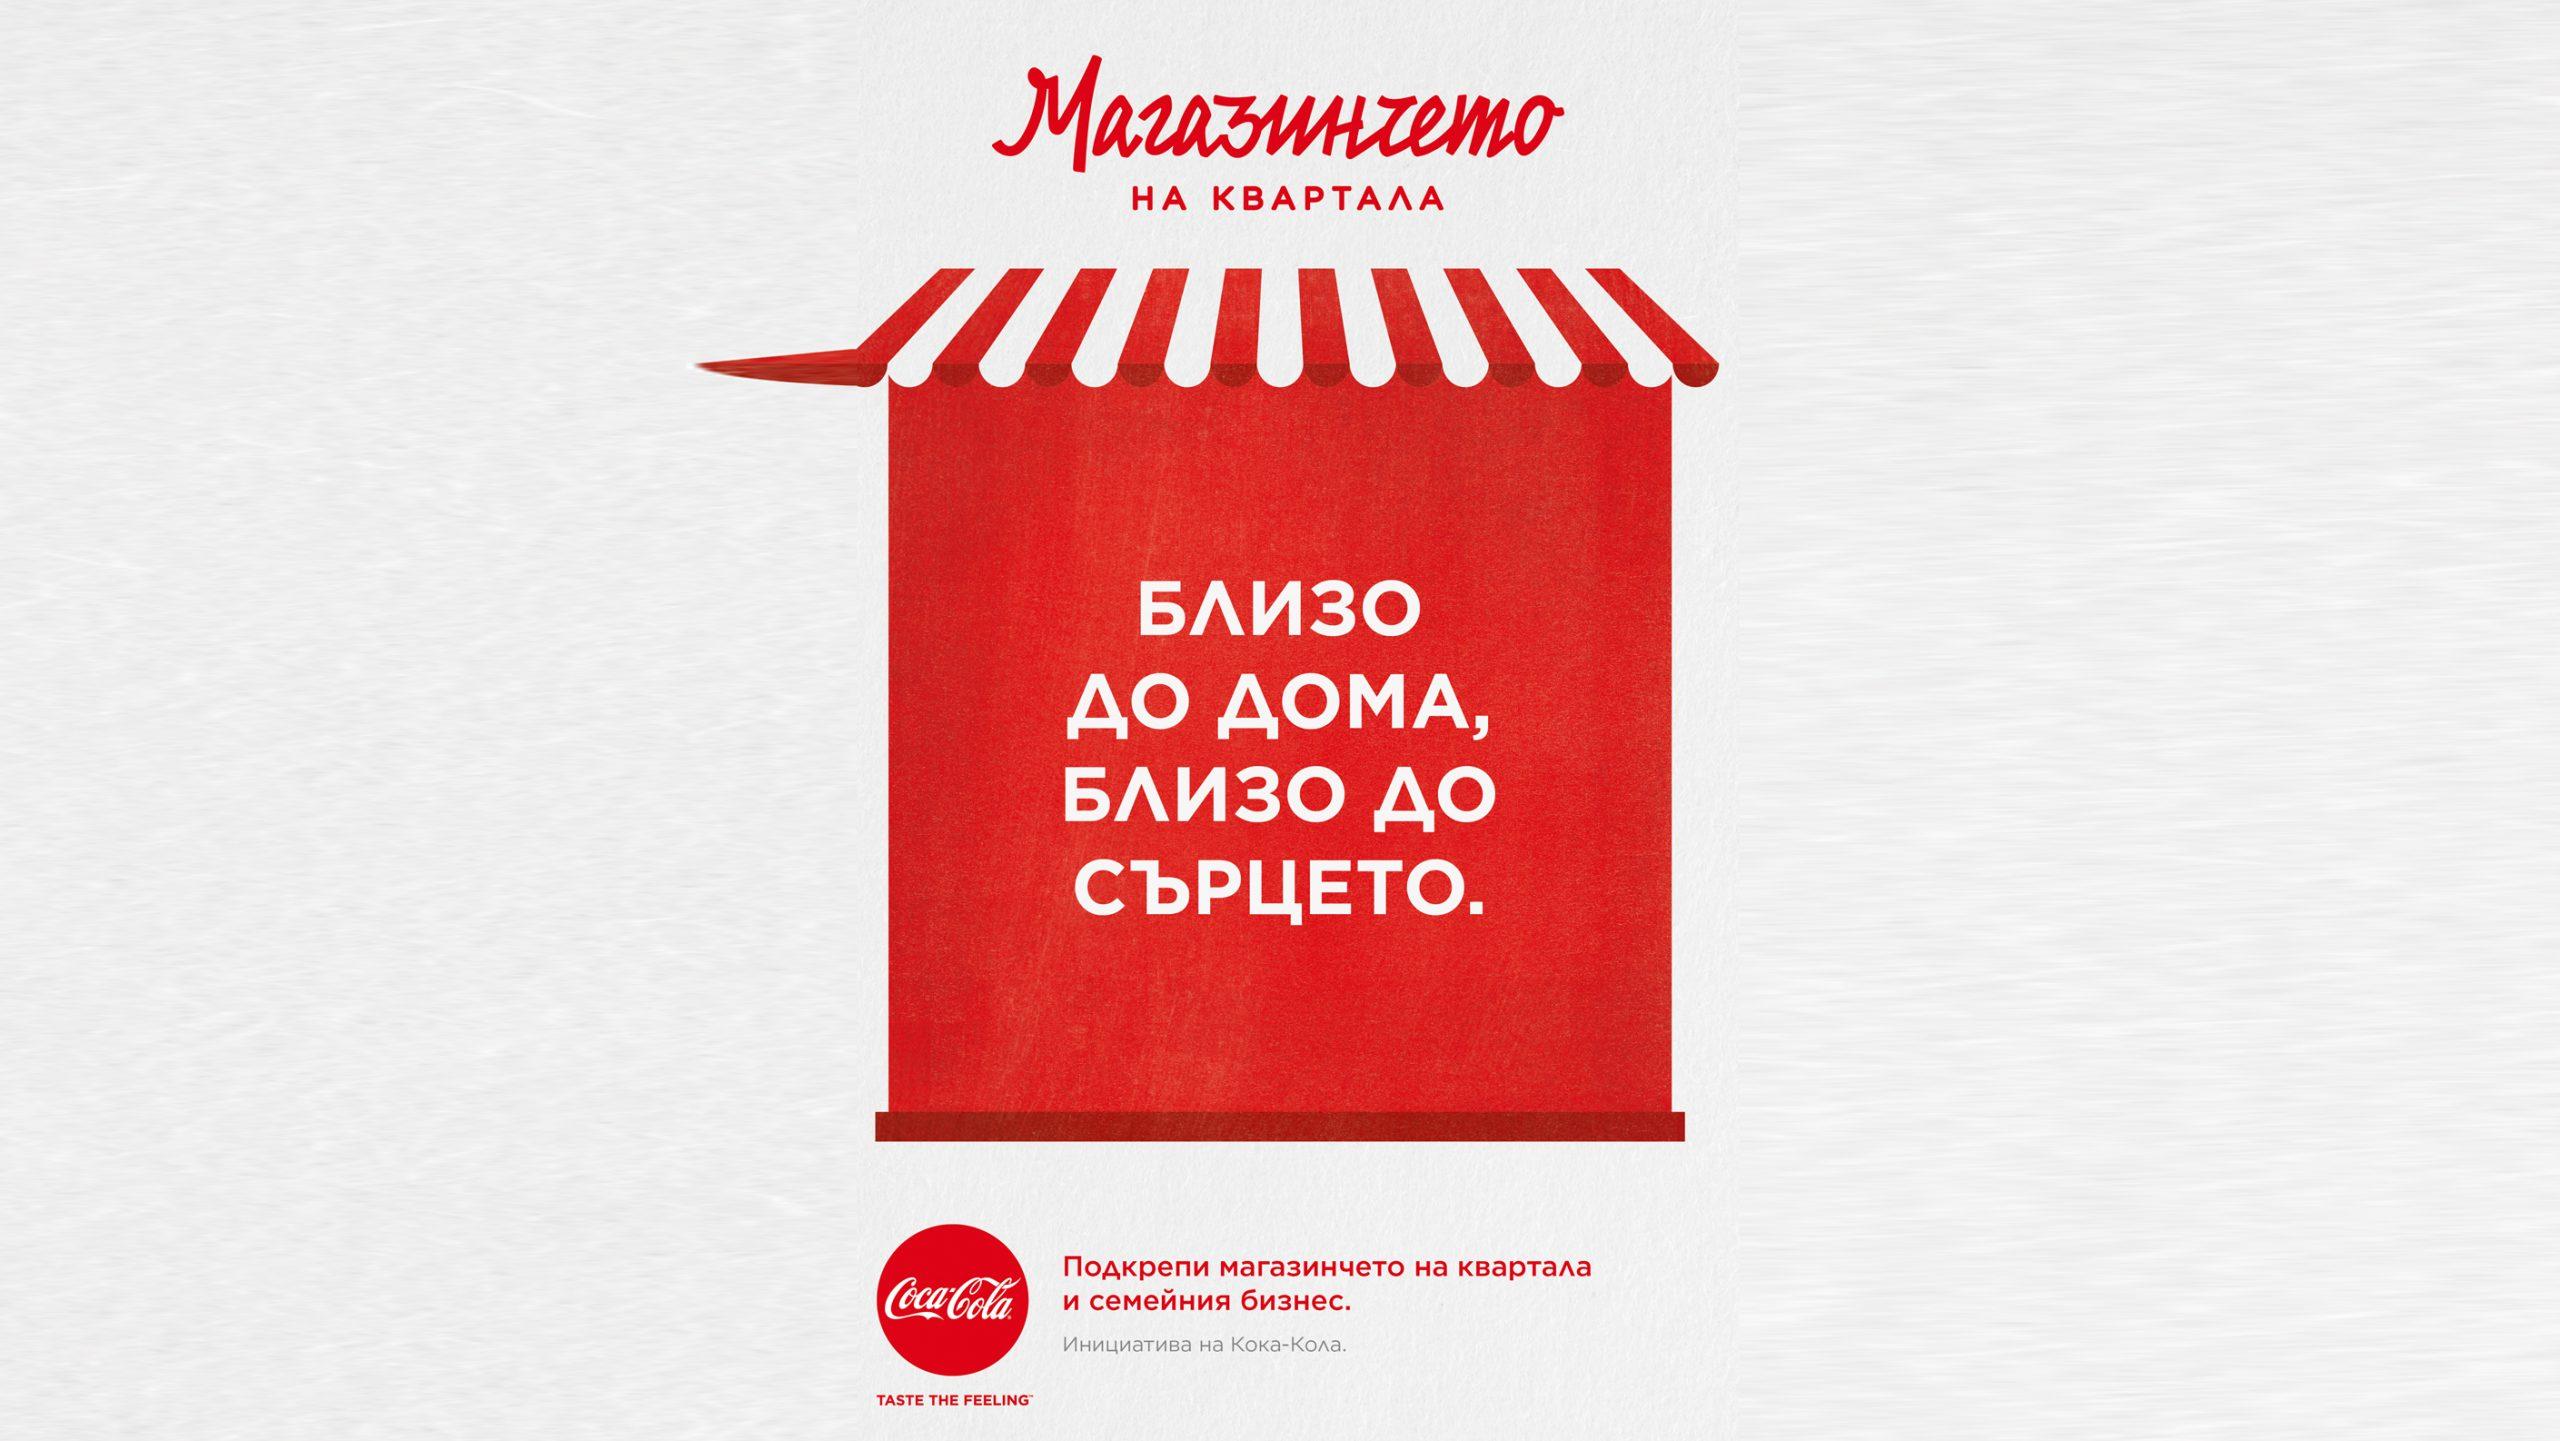 Системата на Кока-Кола в България инвестира още 200 хил. лв. в малкия бизнес у нас